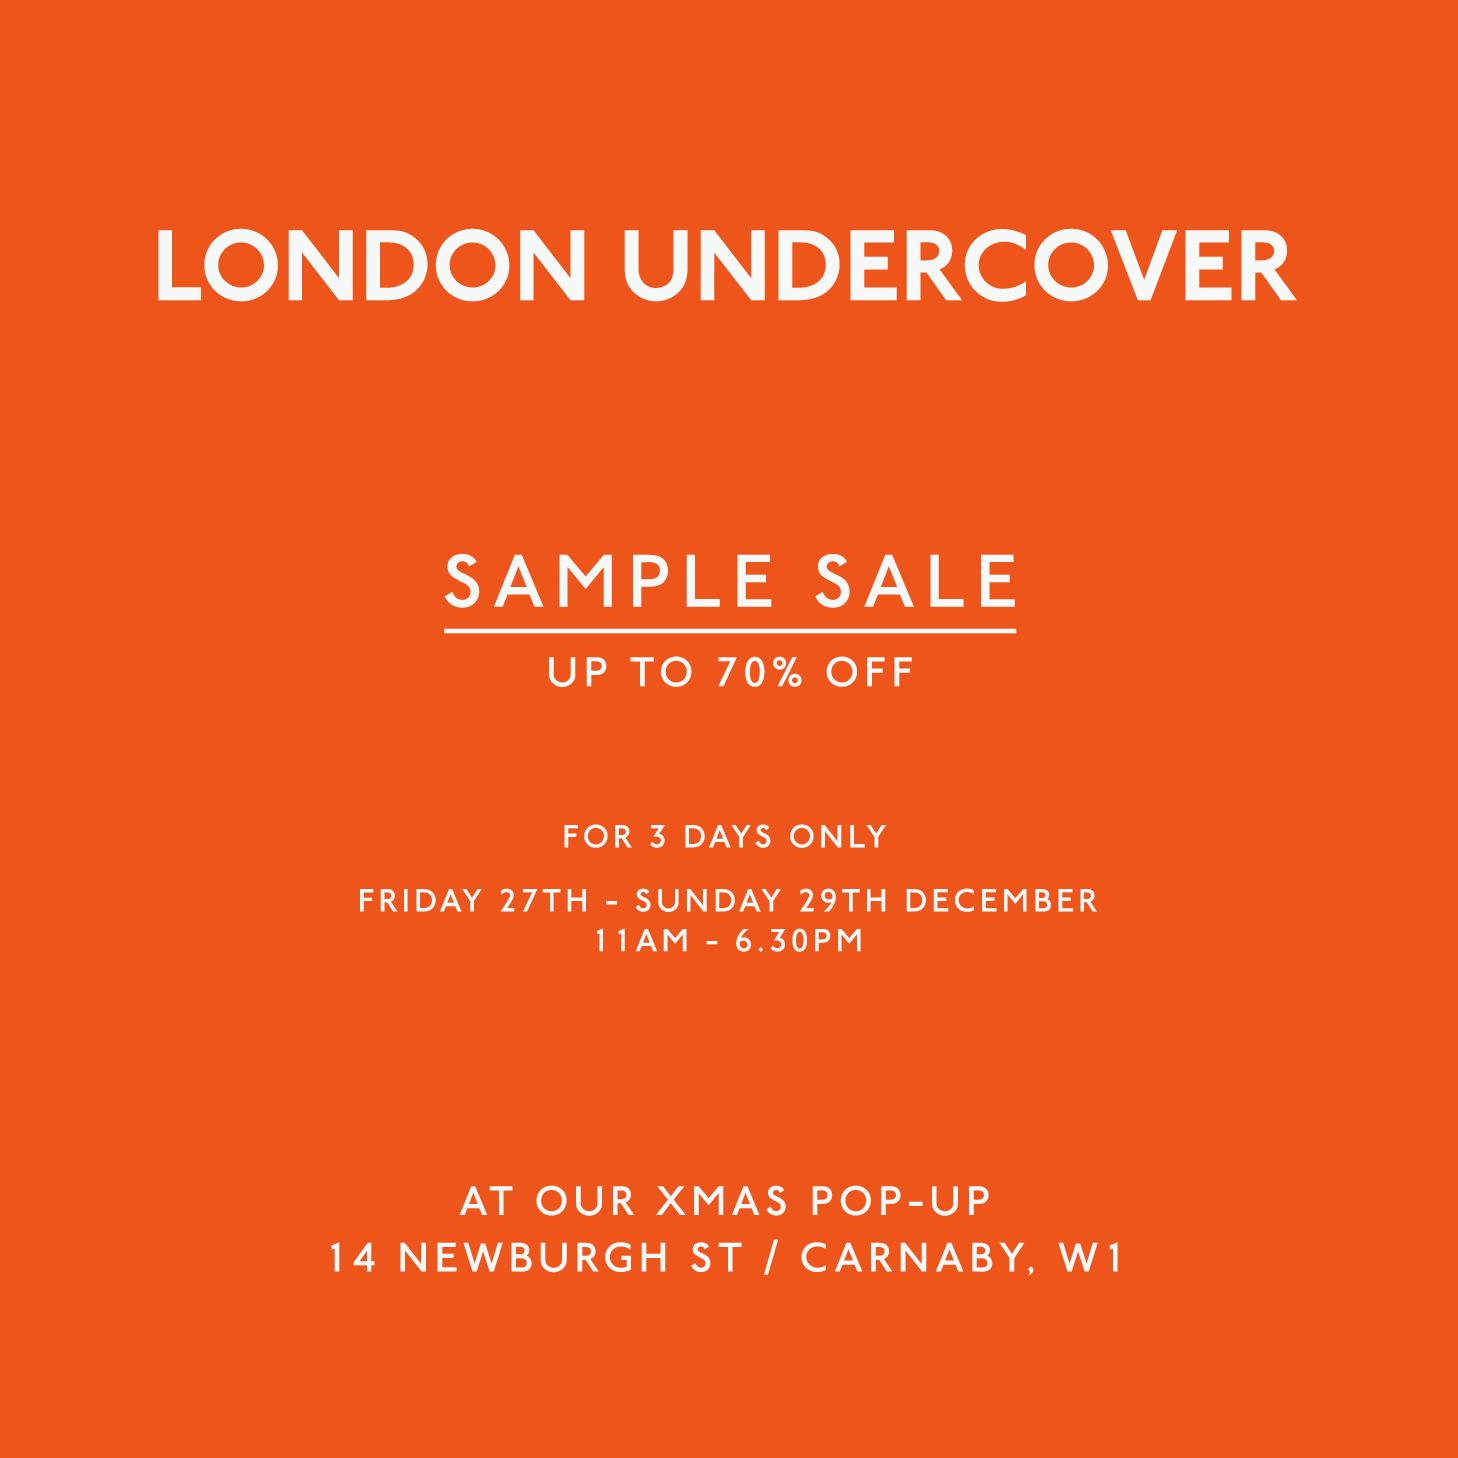 sample sale « LONDON UNDERCOVER UMBRELLAS | Umbrella & Accessories ...